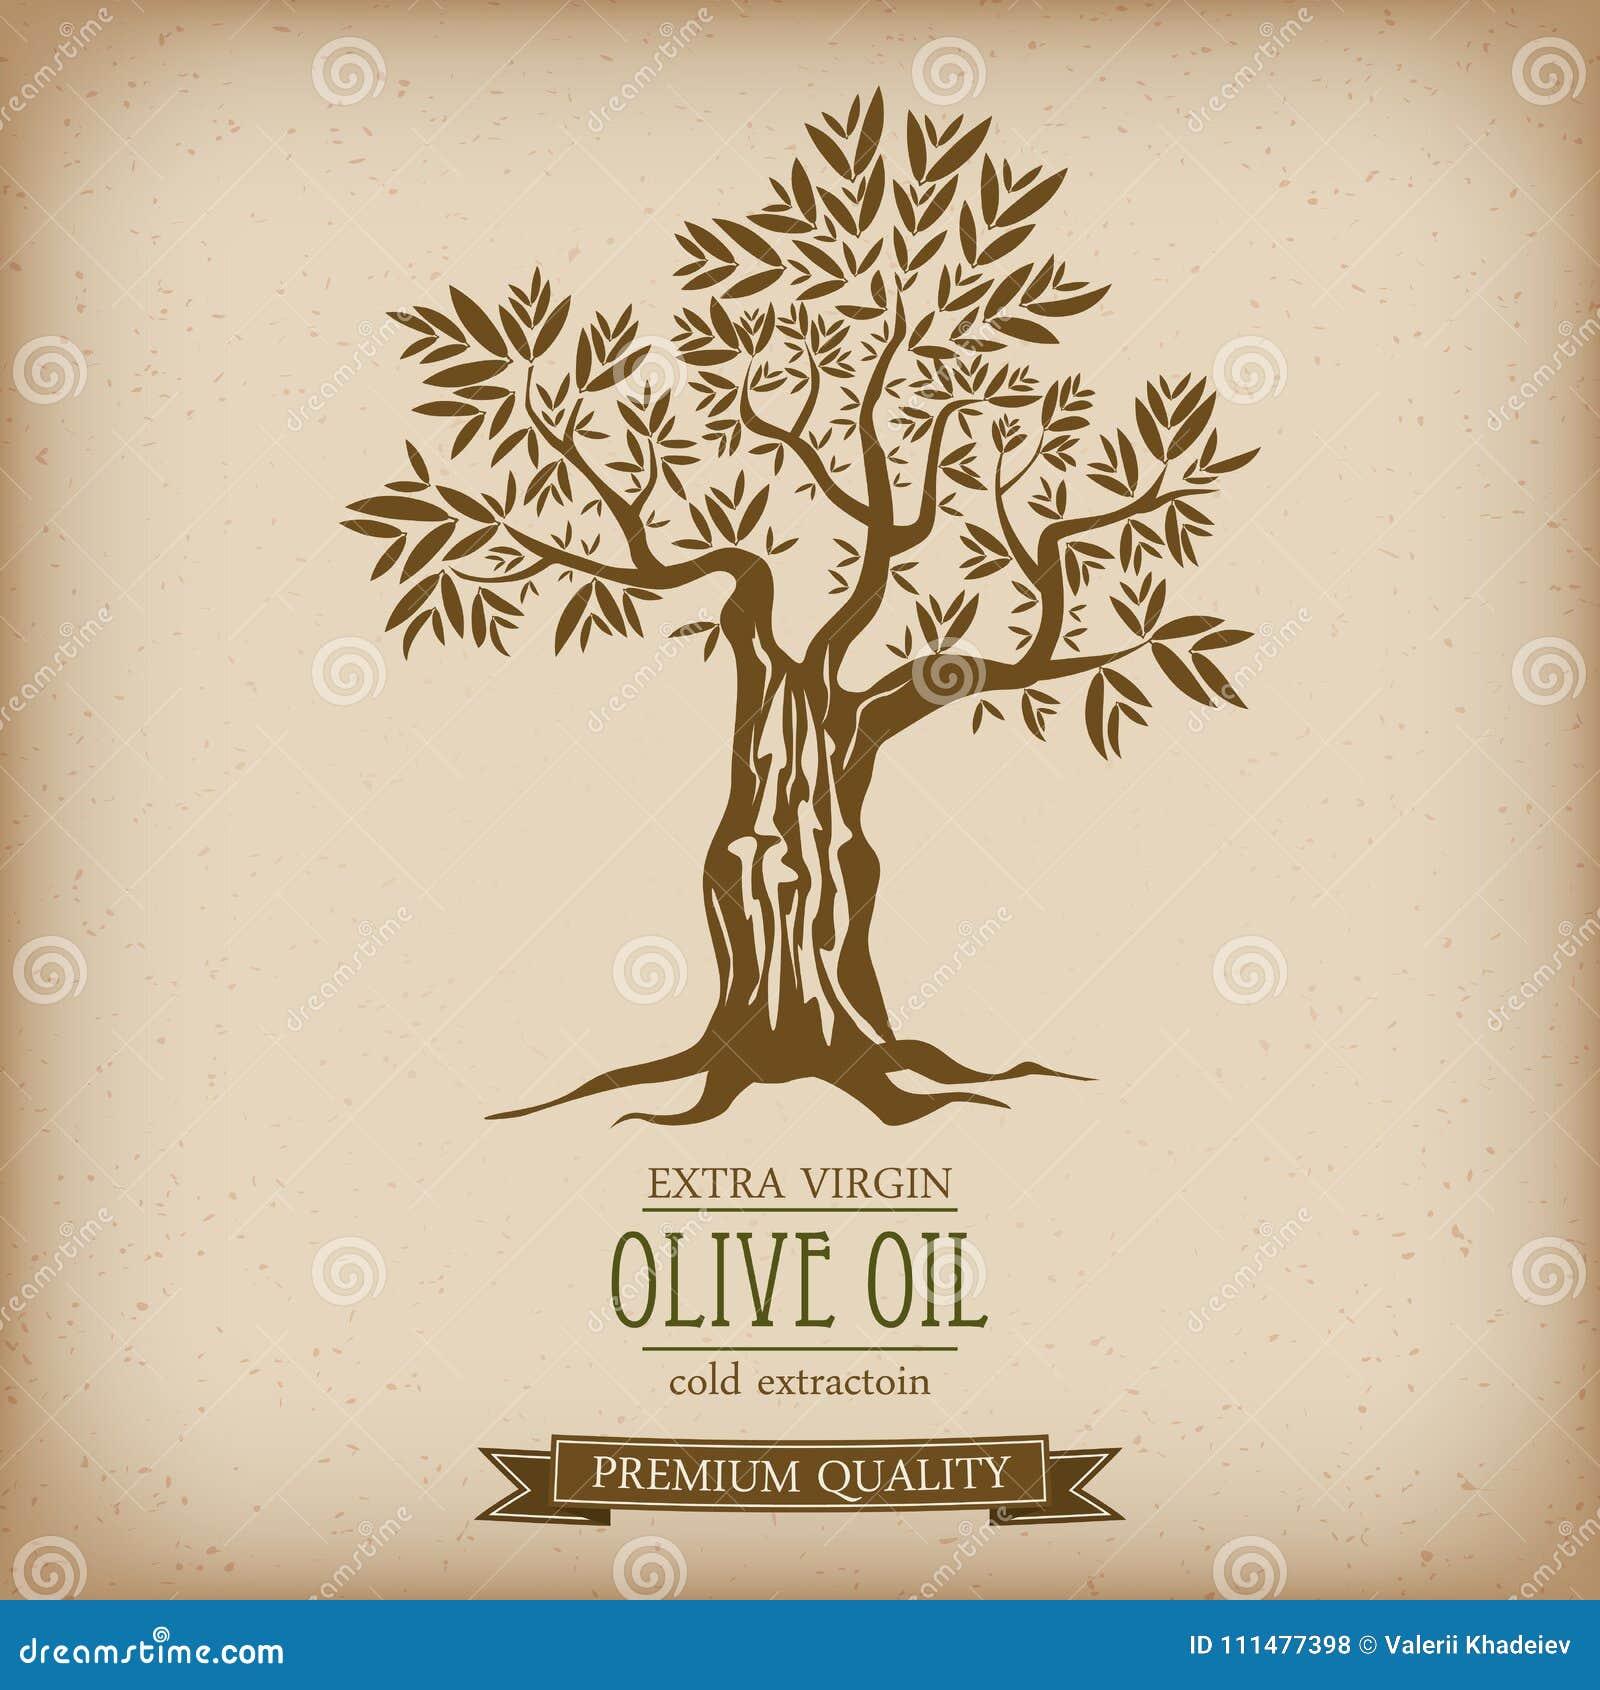 olive tree on vintage paper olive oil vector olive tree for